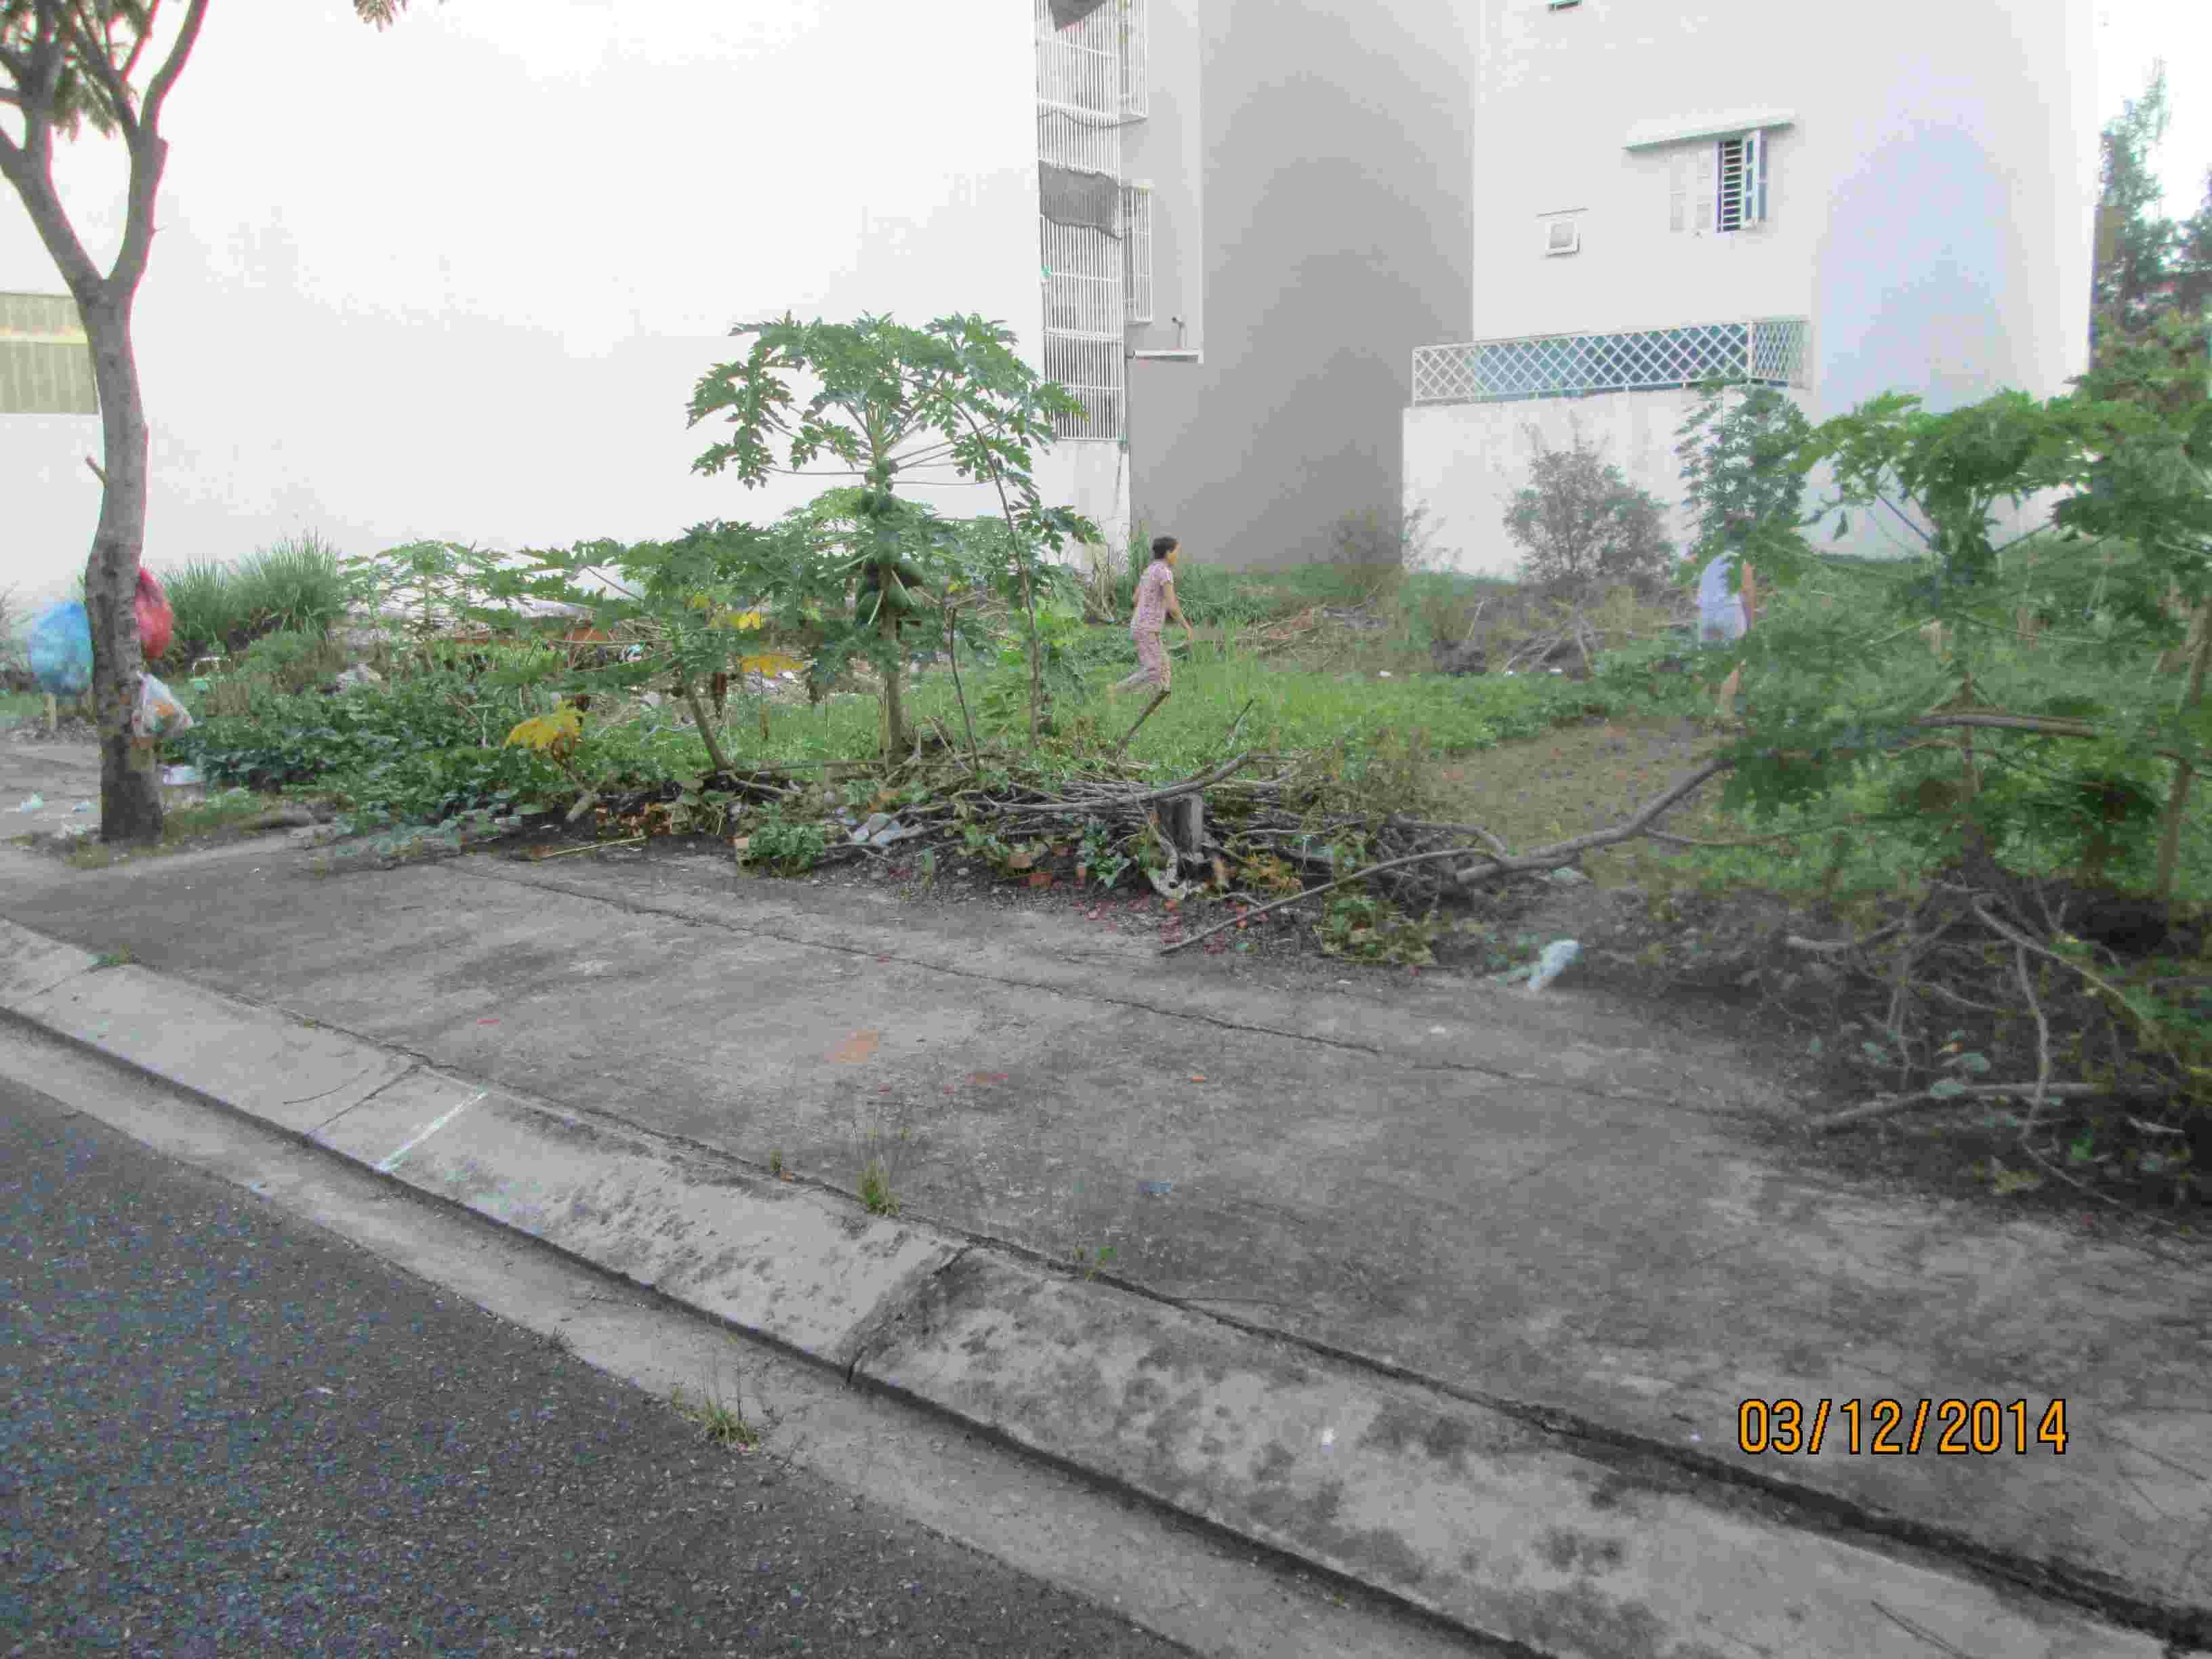 Bán đất nhà phố Sadeco Phước Kiển A, 100m2, lô S, View Công Viên Sông, giá 6.8 tỷ. LH: 0913.050.053